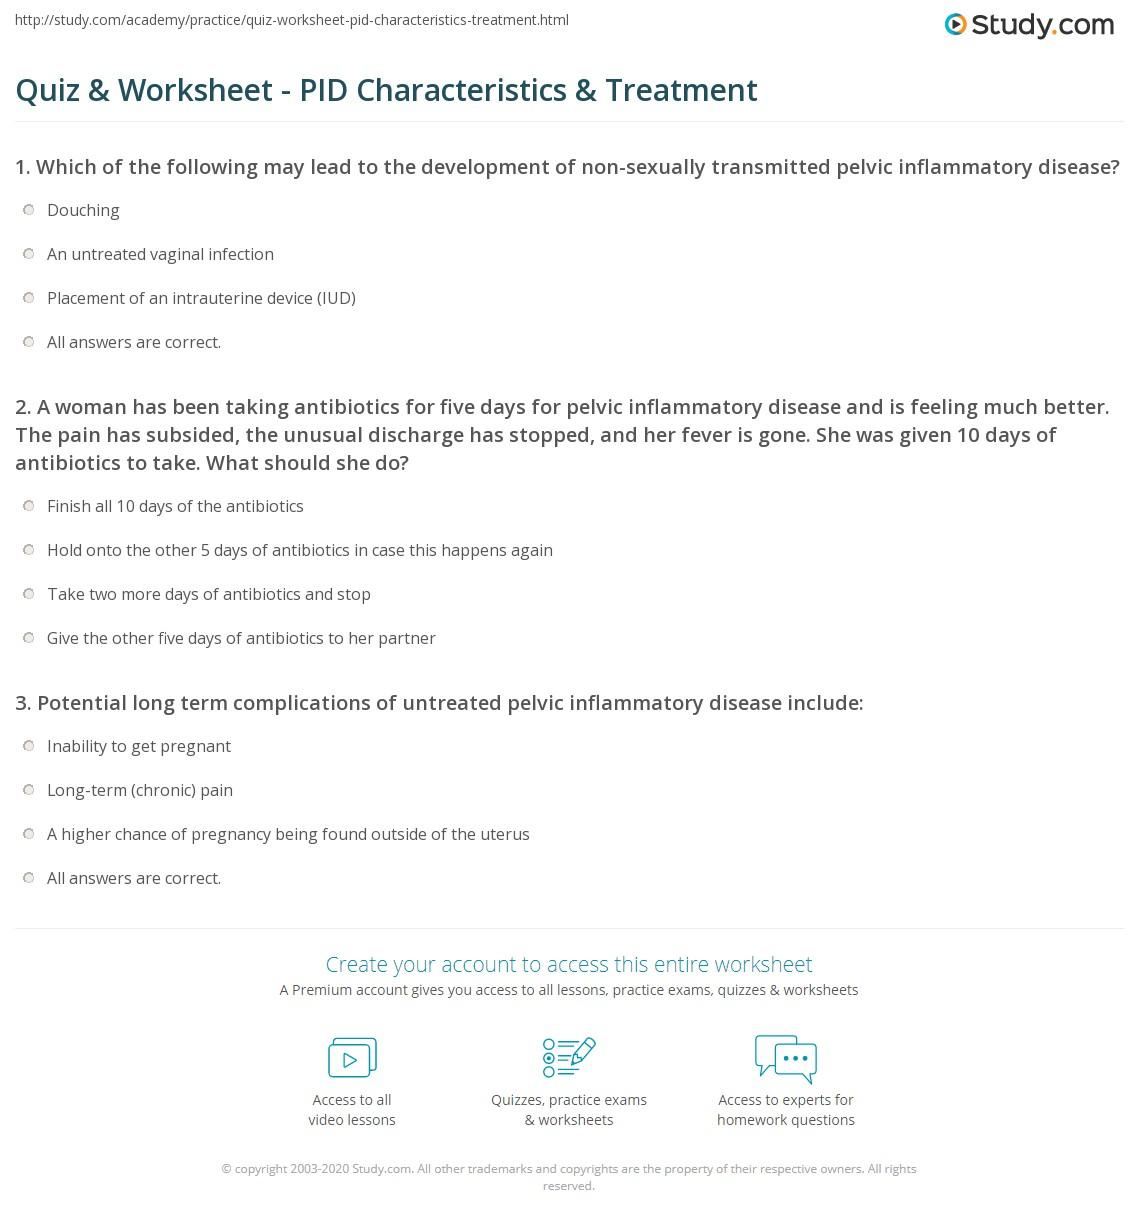 quiz worksheet pid characteristics treatment. Black Bedroom Furniture Sets. Home Design Ideas